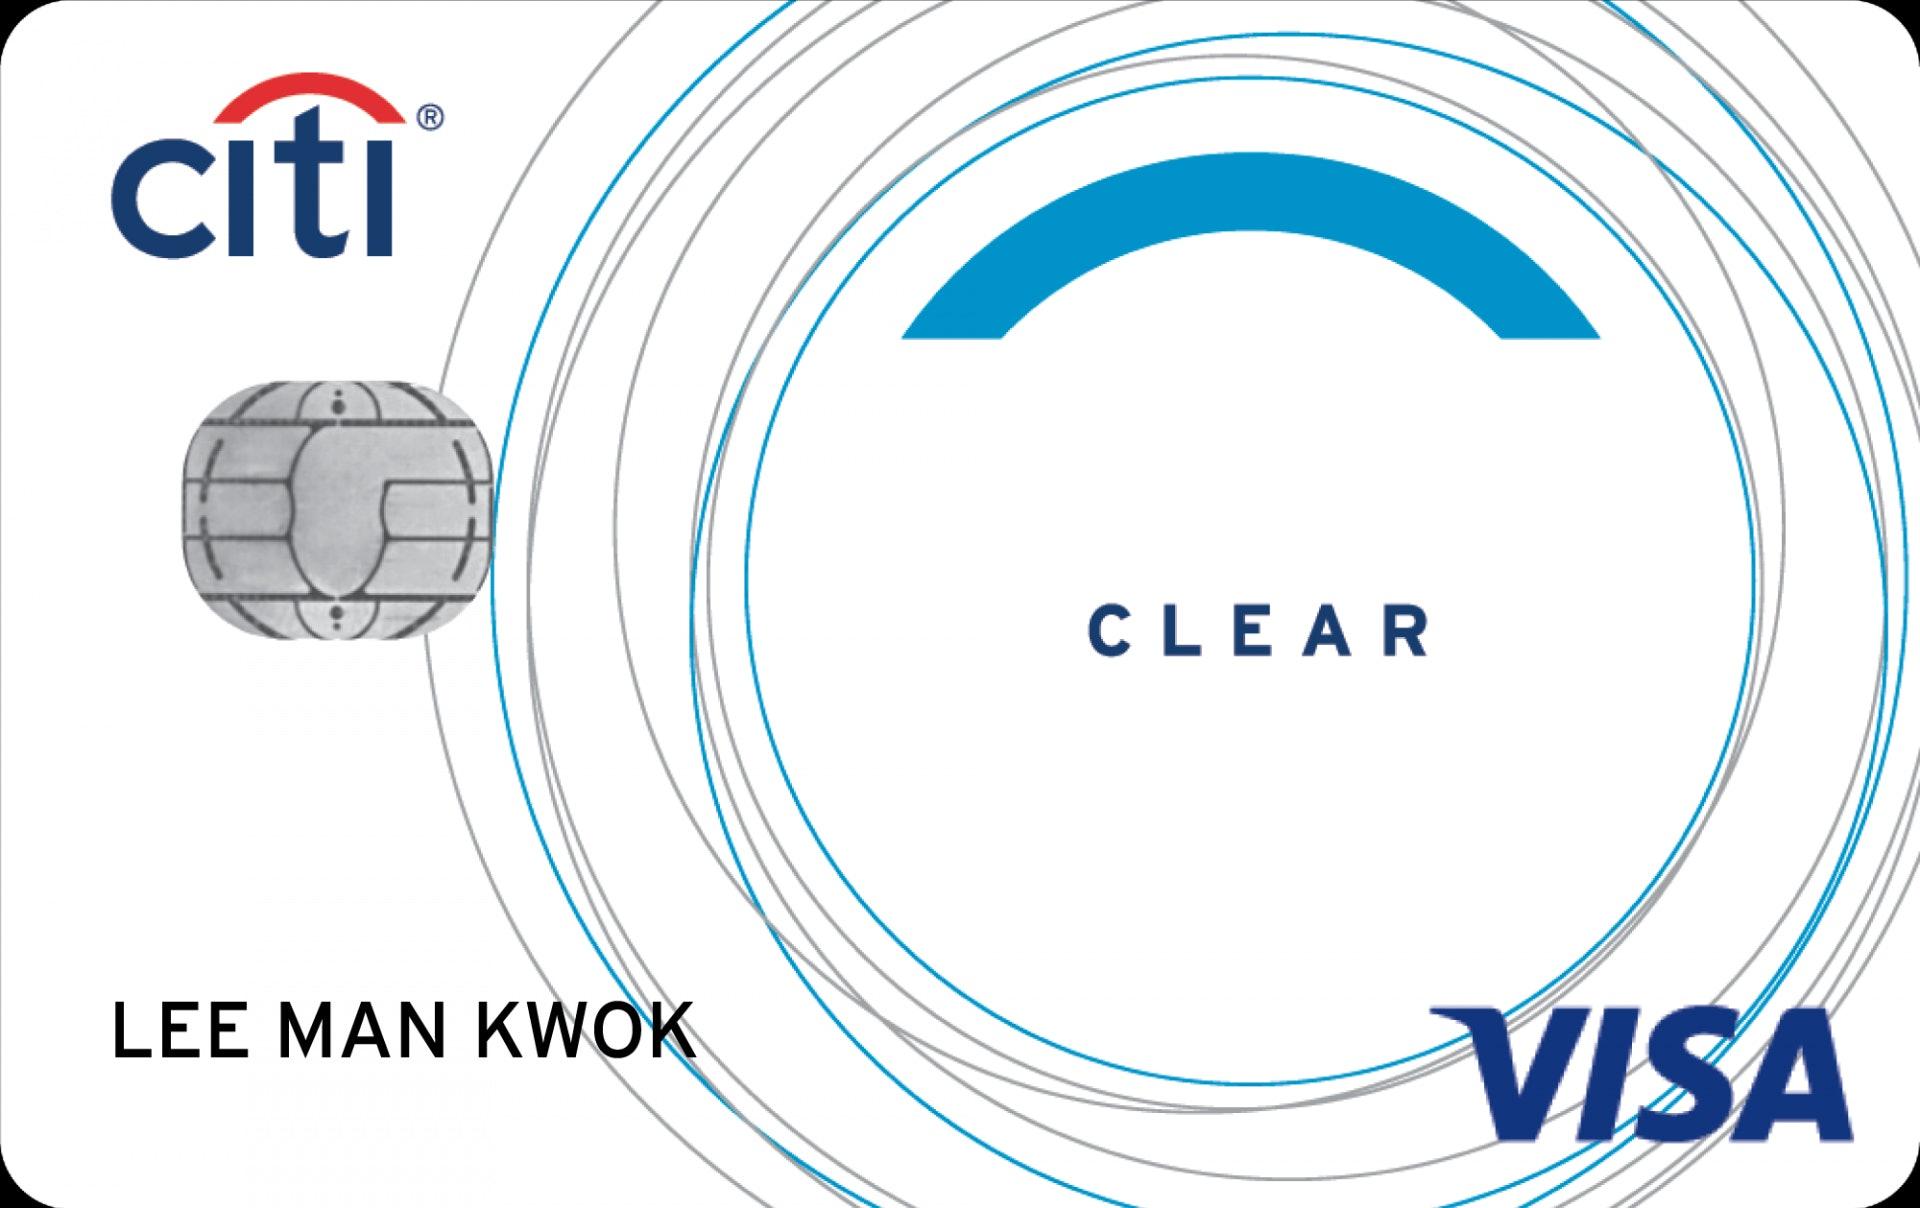 Citibank 信用卡:經常提供優先訂票,2019 有古巨基、林宥嘉、側田、鄭中基、方大同演唱會